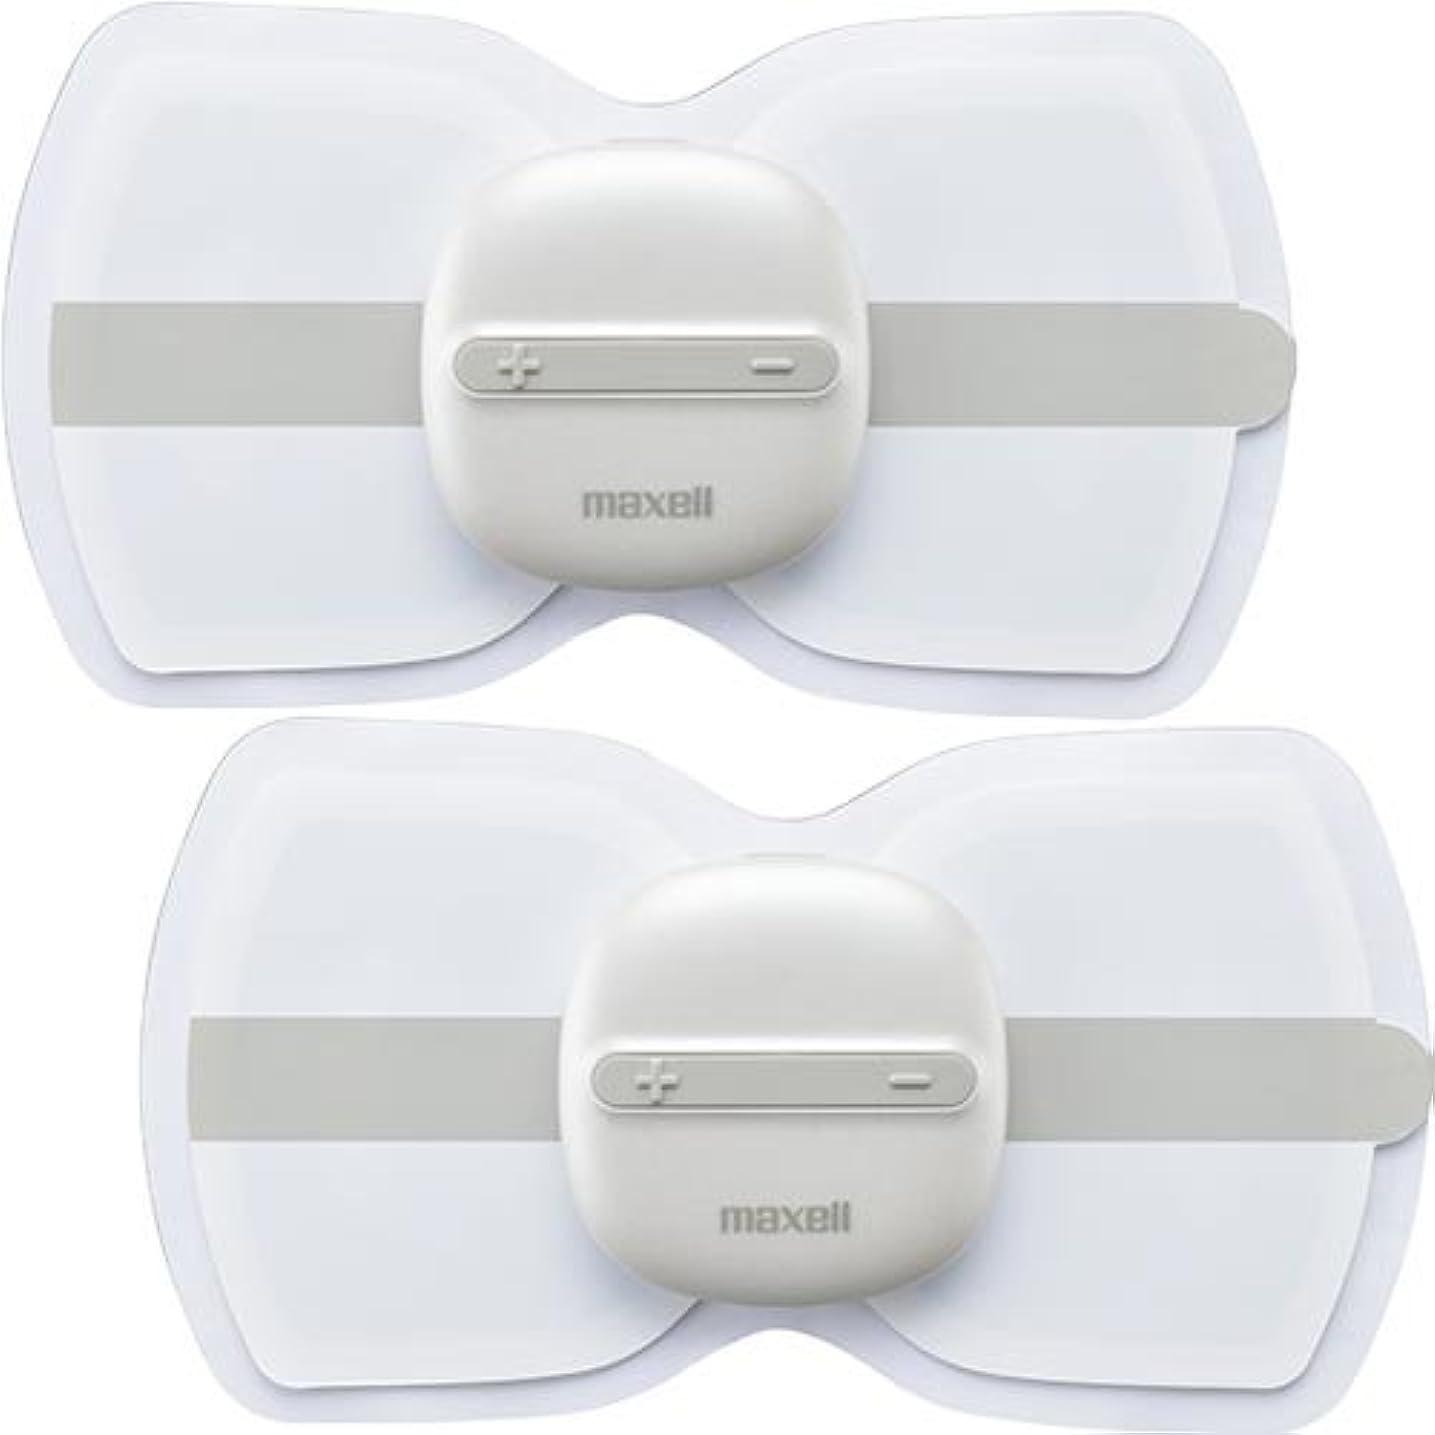 レンド家事ブロンズ日立マクセル(株) 低周波治療器 もみケア ホワイト×2個 MXTS-MR100W2P